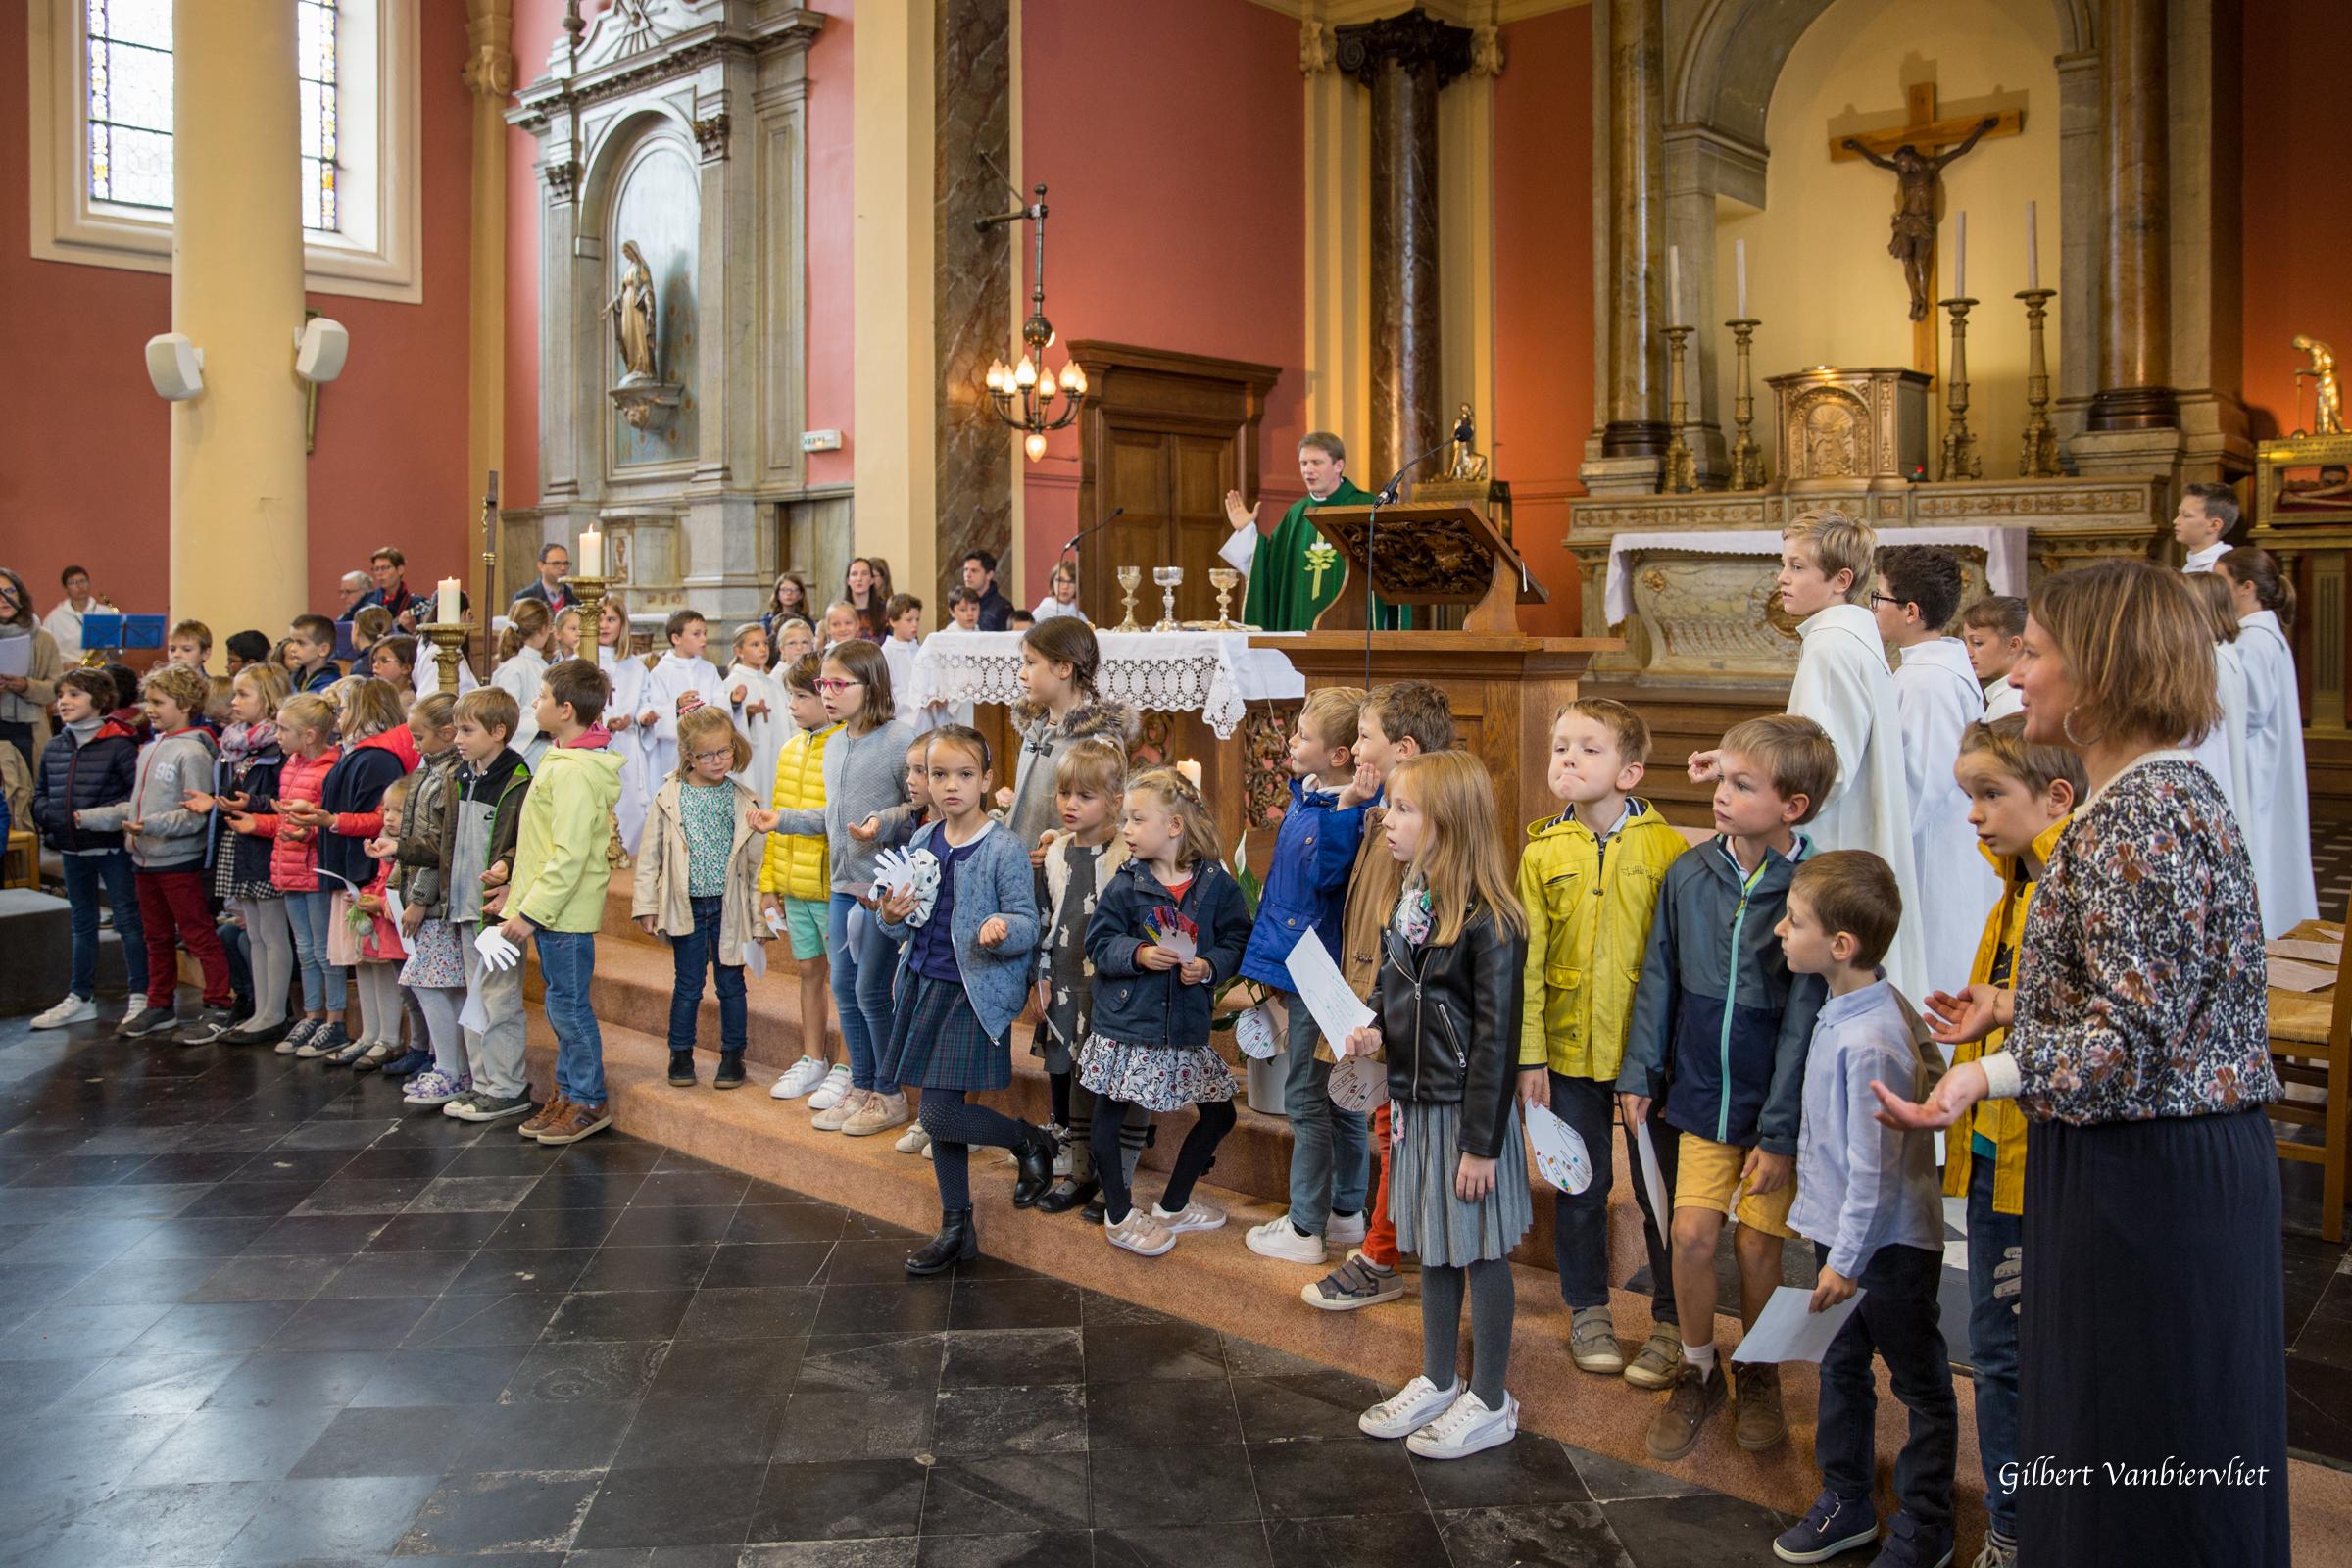 11 1 Rentrée Paroissiale Messe Cysoing - 253A9181 - 29 septembre 2019